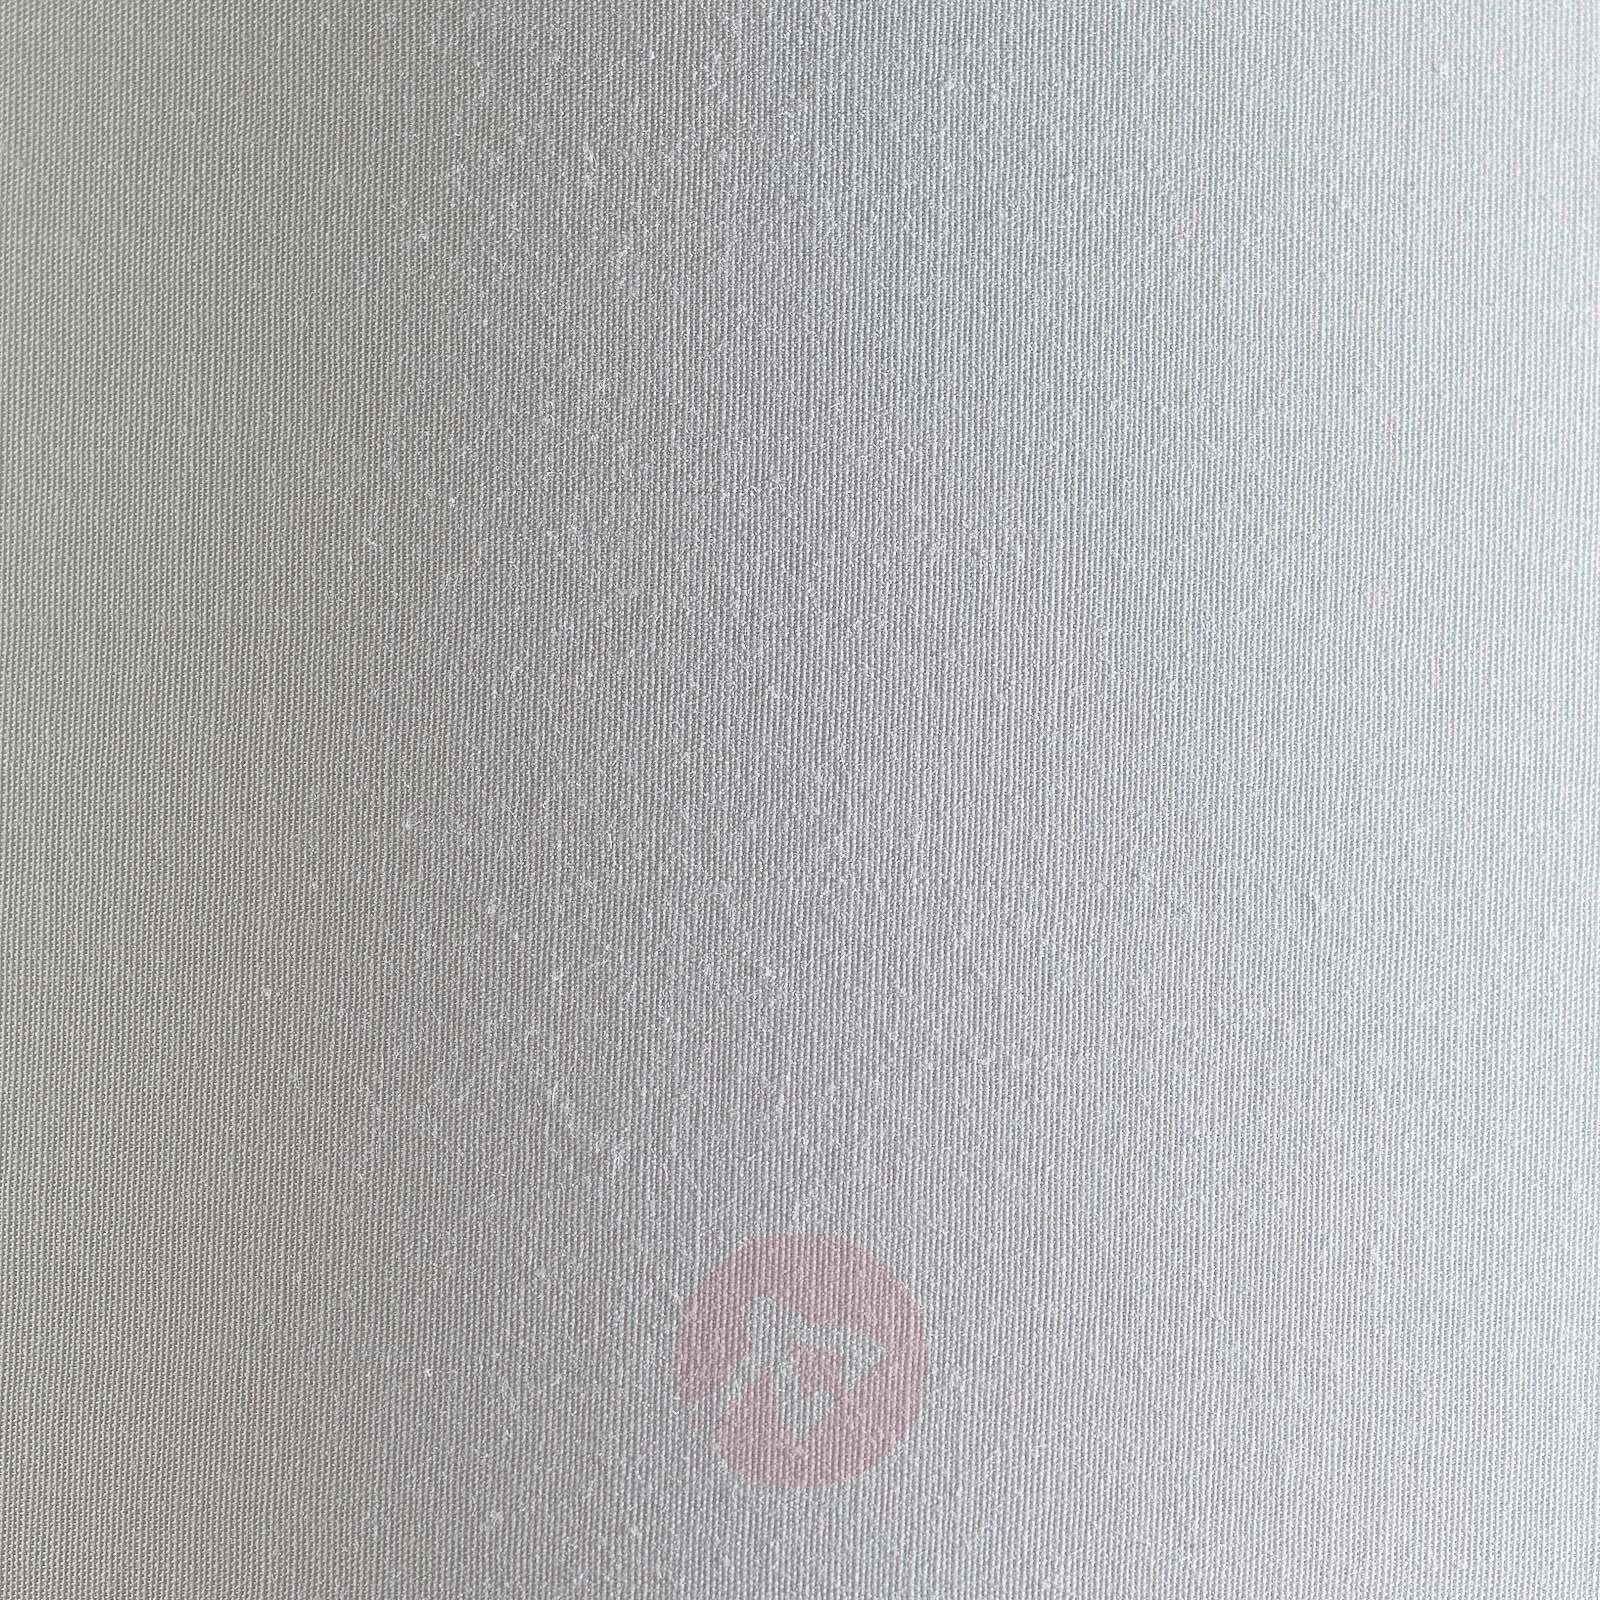 Kolmijalkainen lattiavalo Benik valkoinen pähkinä-9624563-01